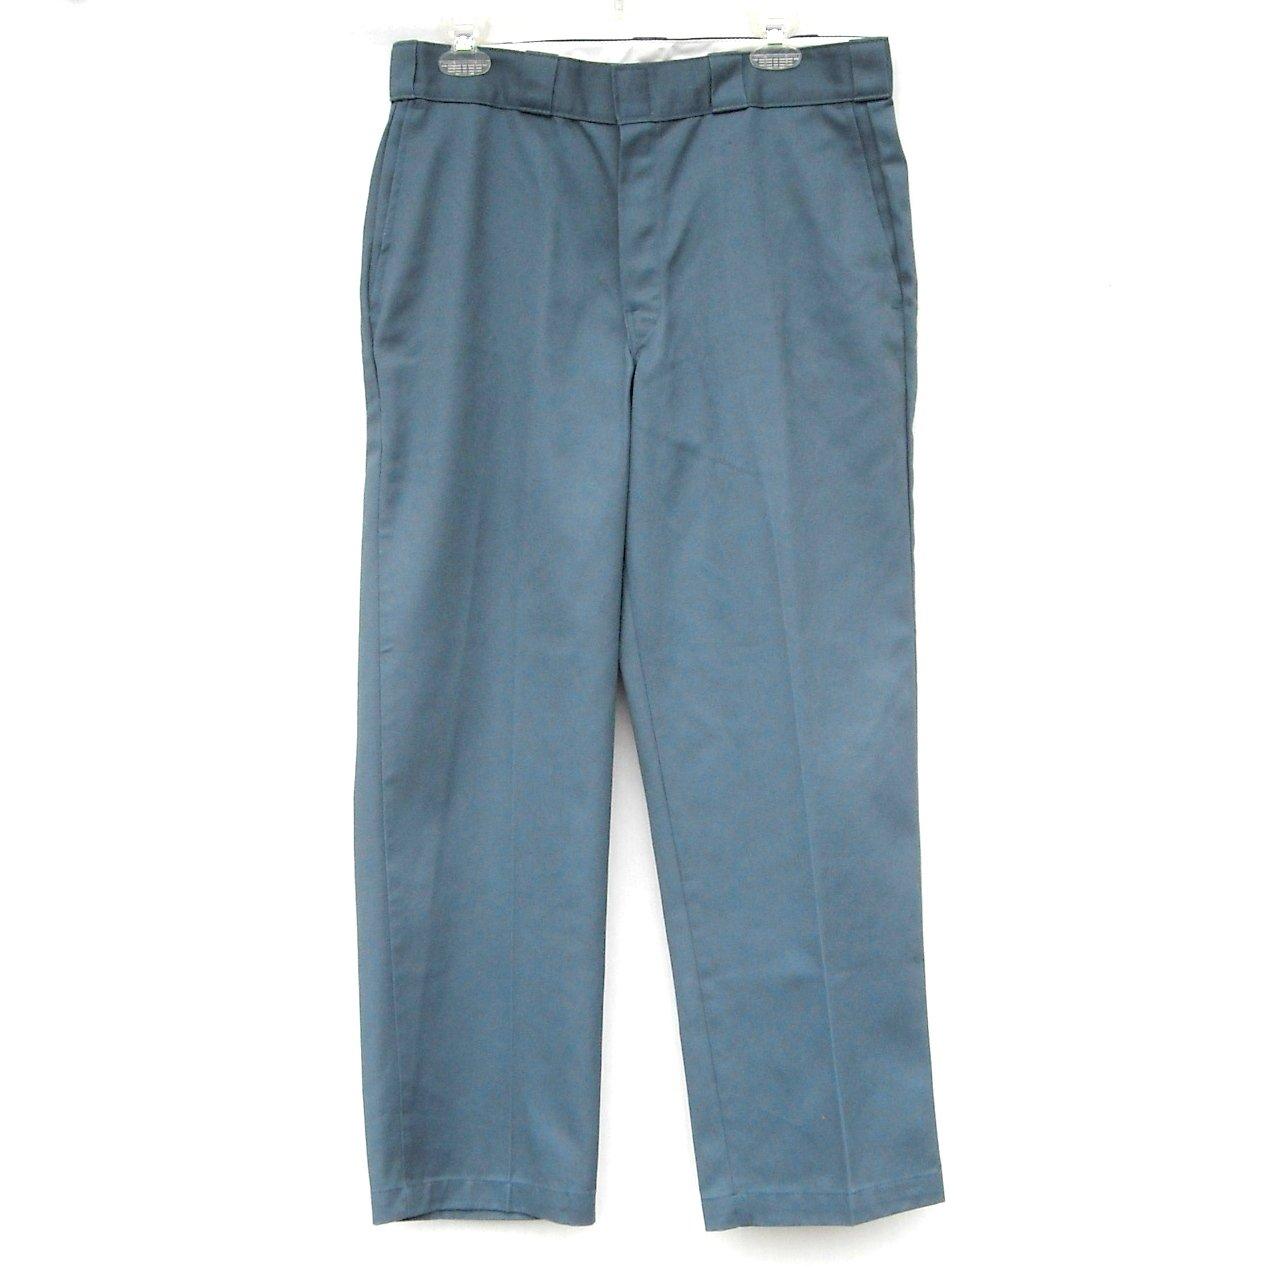 Dickies Genuine Blue Work Pants 34 X 28